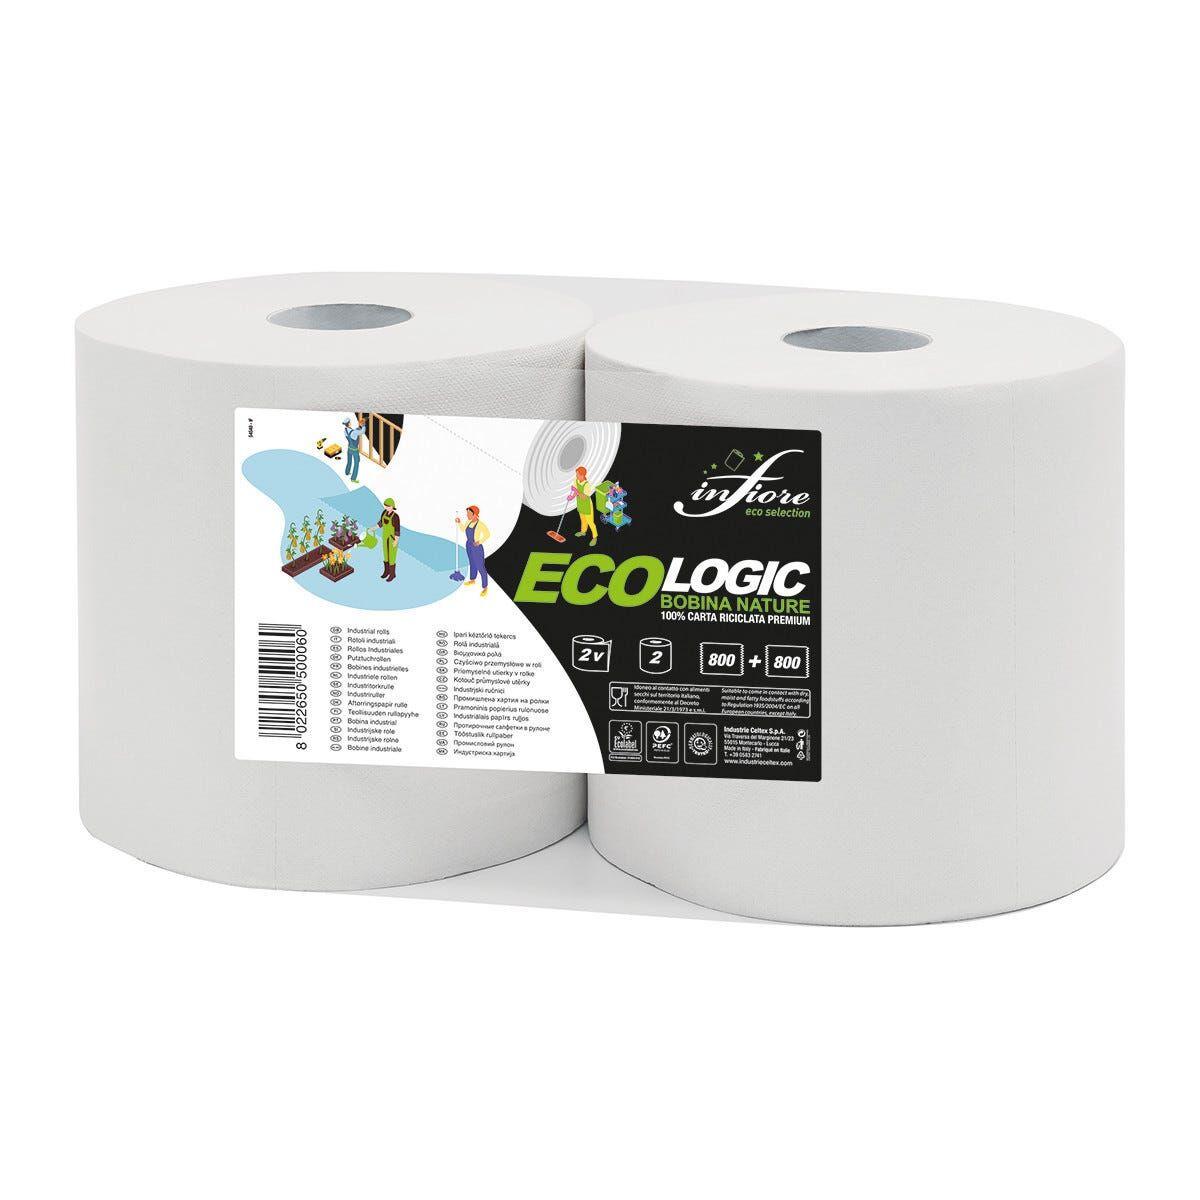 2 Rotoli Di Carta 800 Strappi 170 M X 22 Cm (Lxh) Ø26 Cm 2 Veli Cellulosa Ecologica